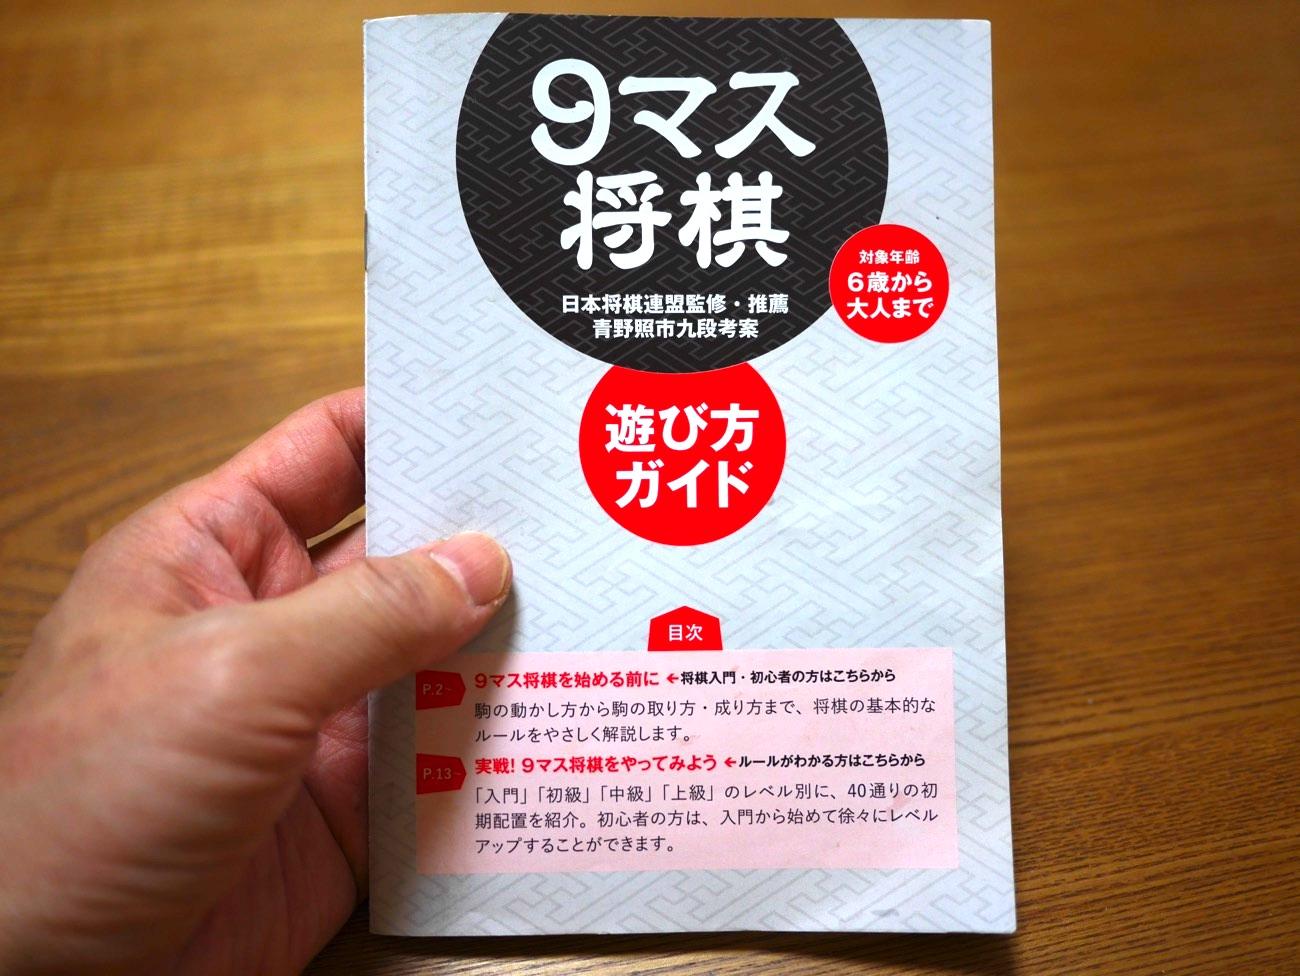 「9マス将棋」の『遊び方ガイド』